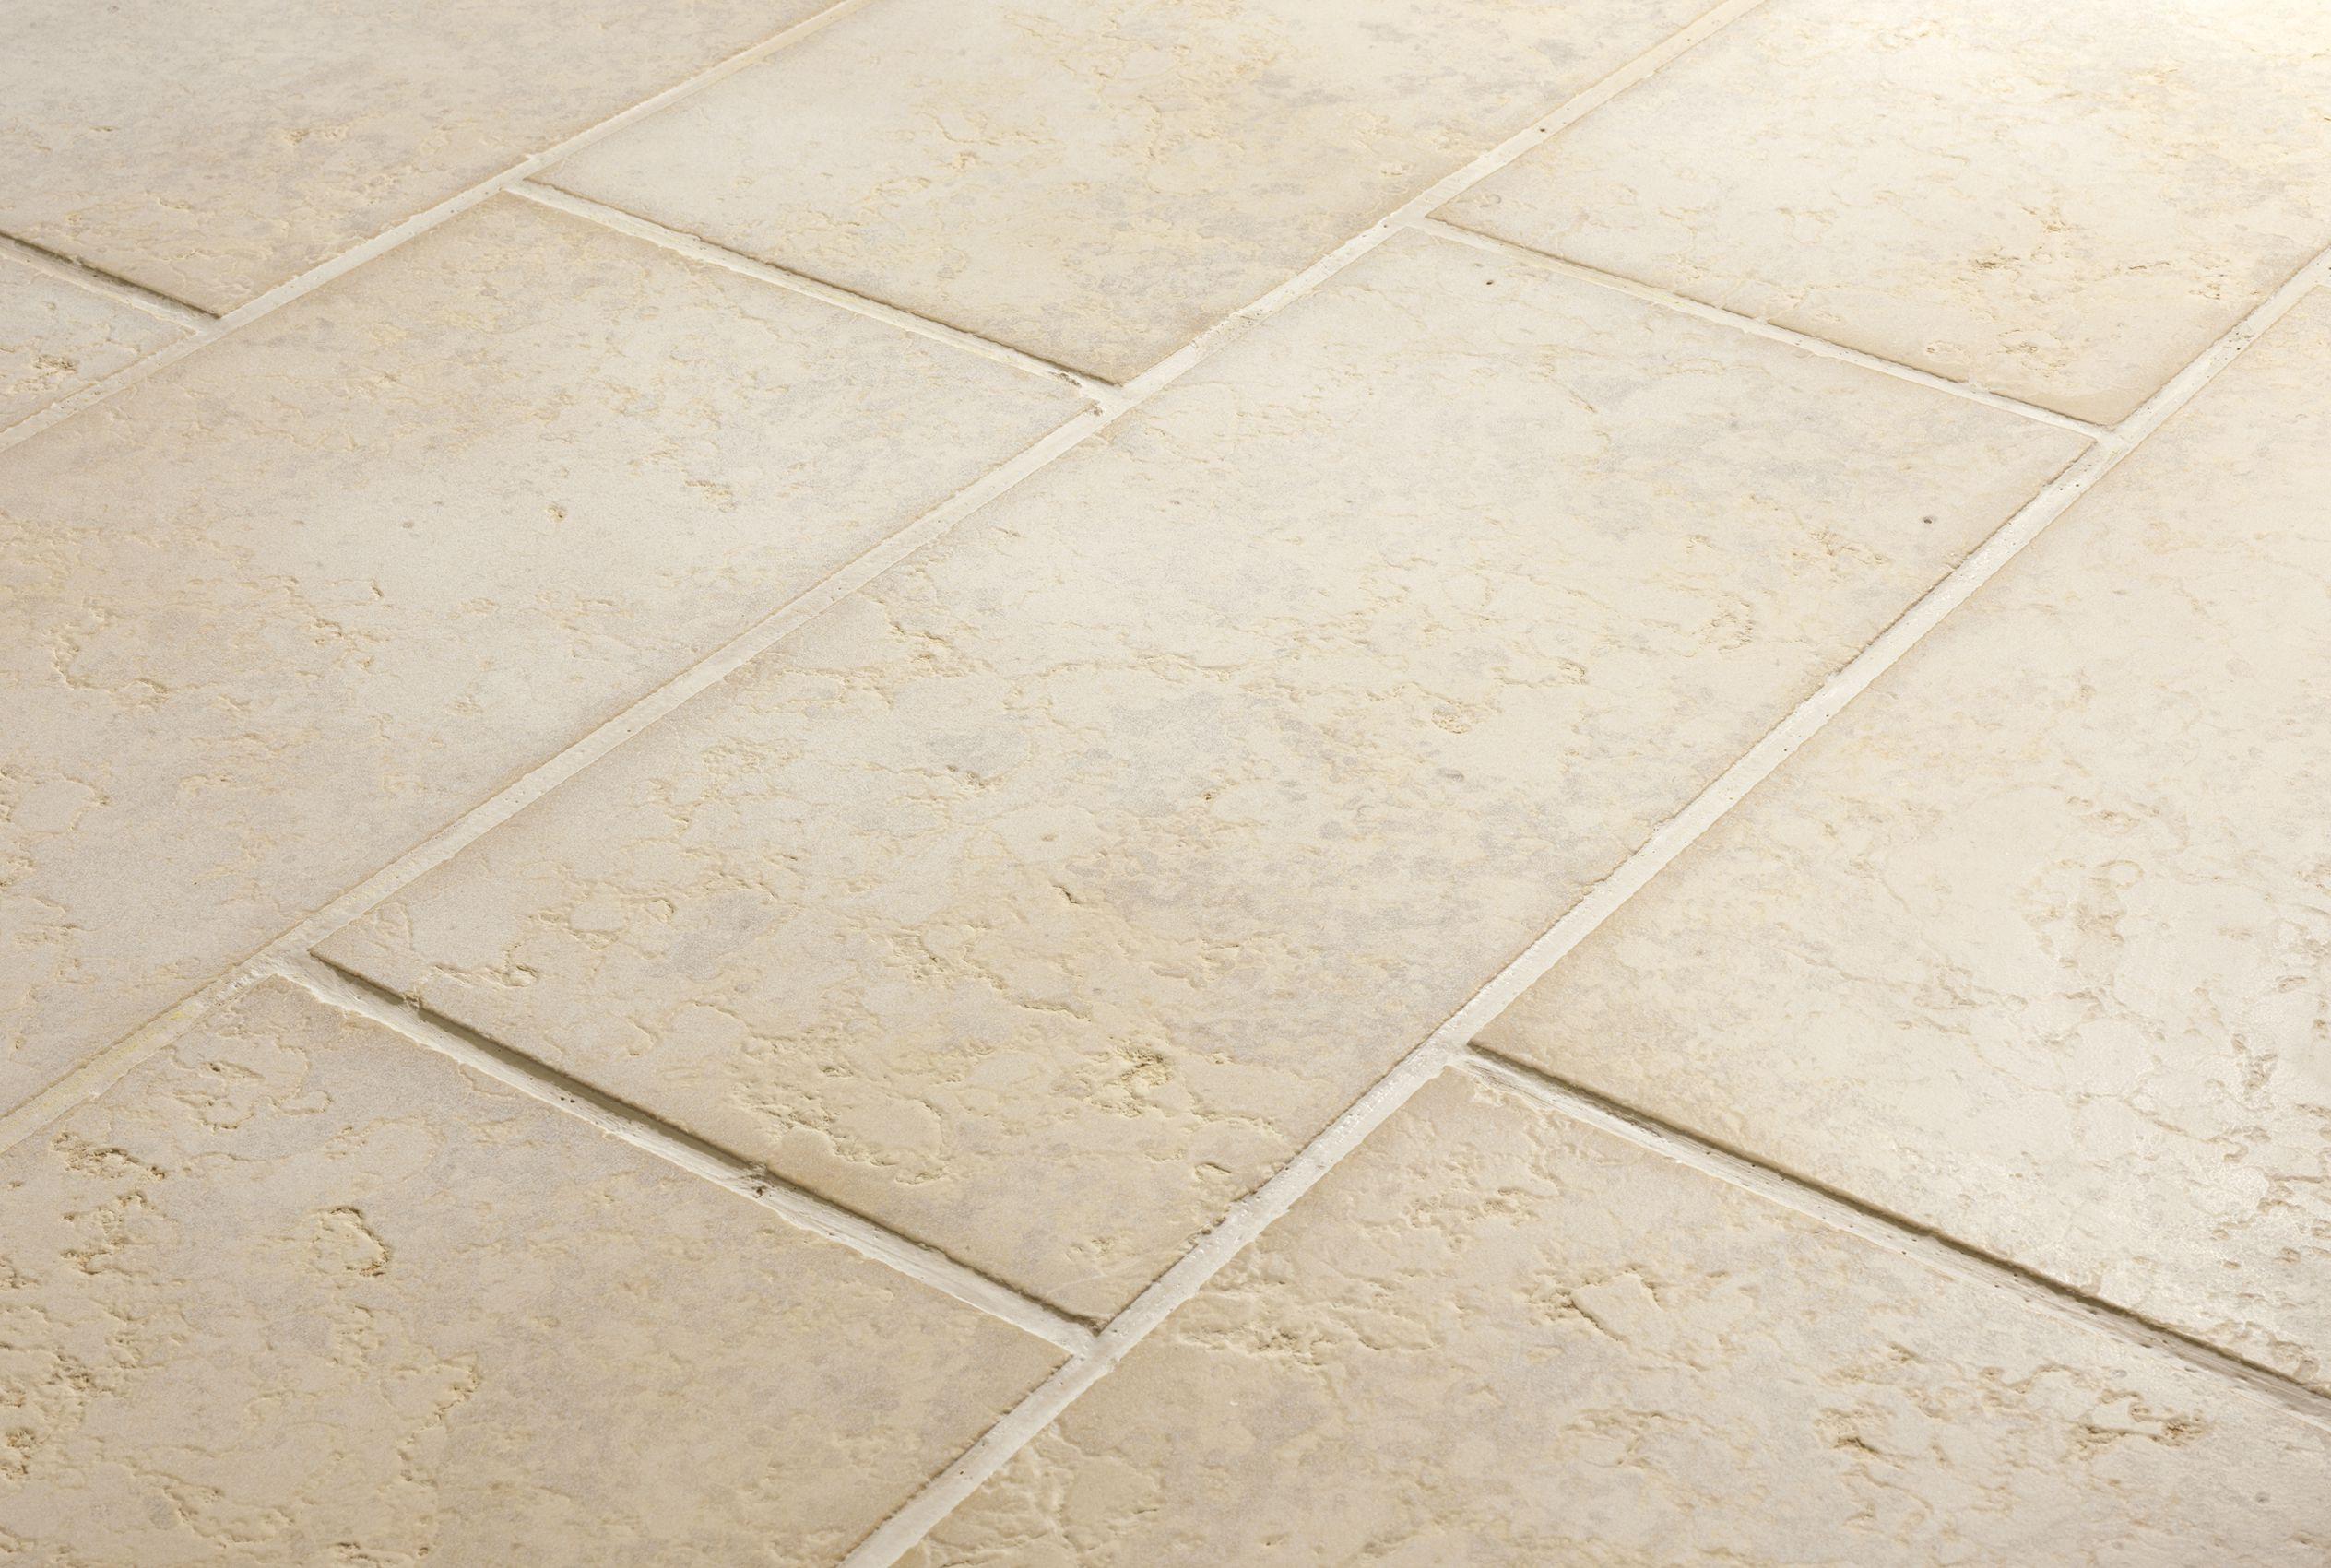 Pavimenti in pietra naturale per esterni quadrettoni di - Piastrelle rettificate ...